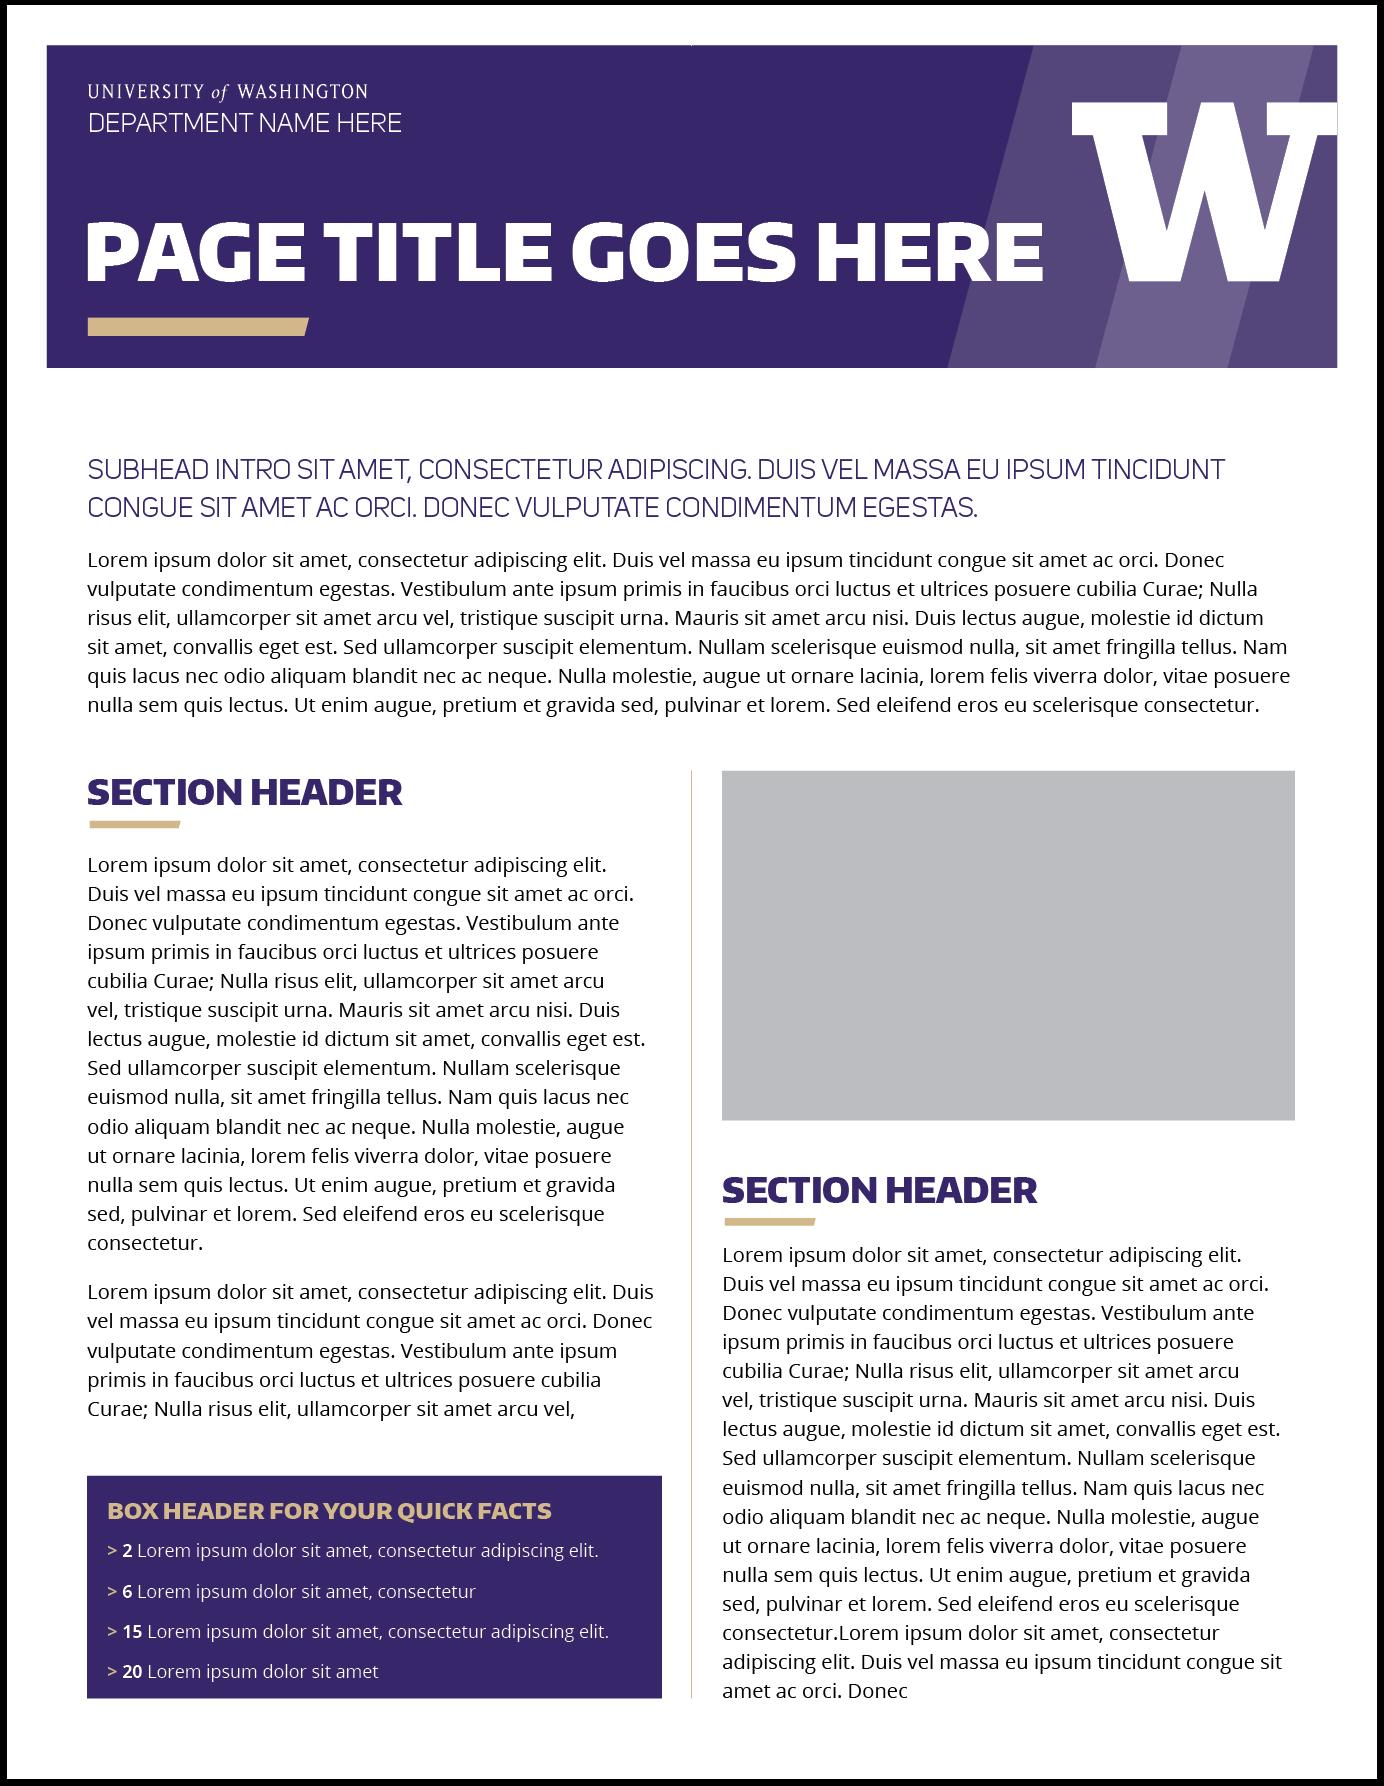 Fact Sheet Template | Fact Sheet Uw Brand